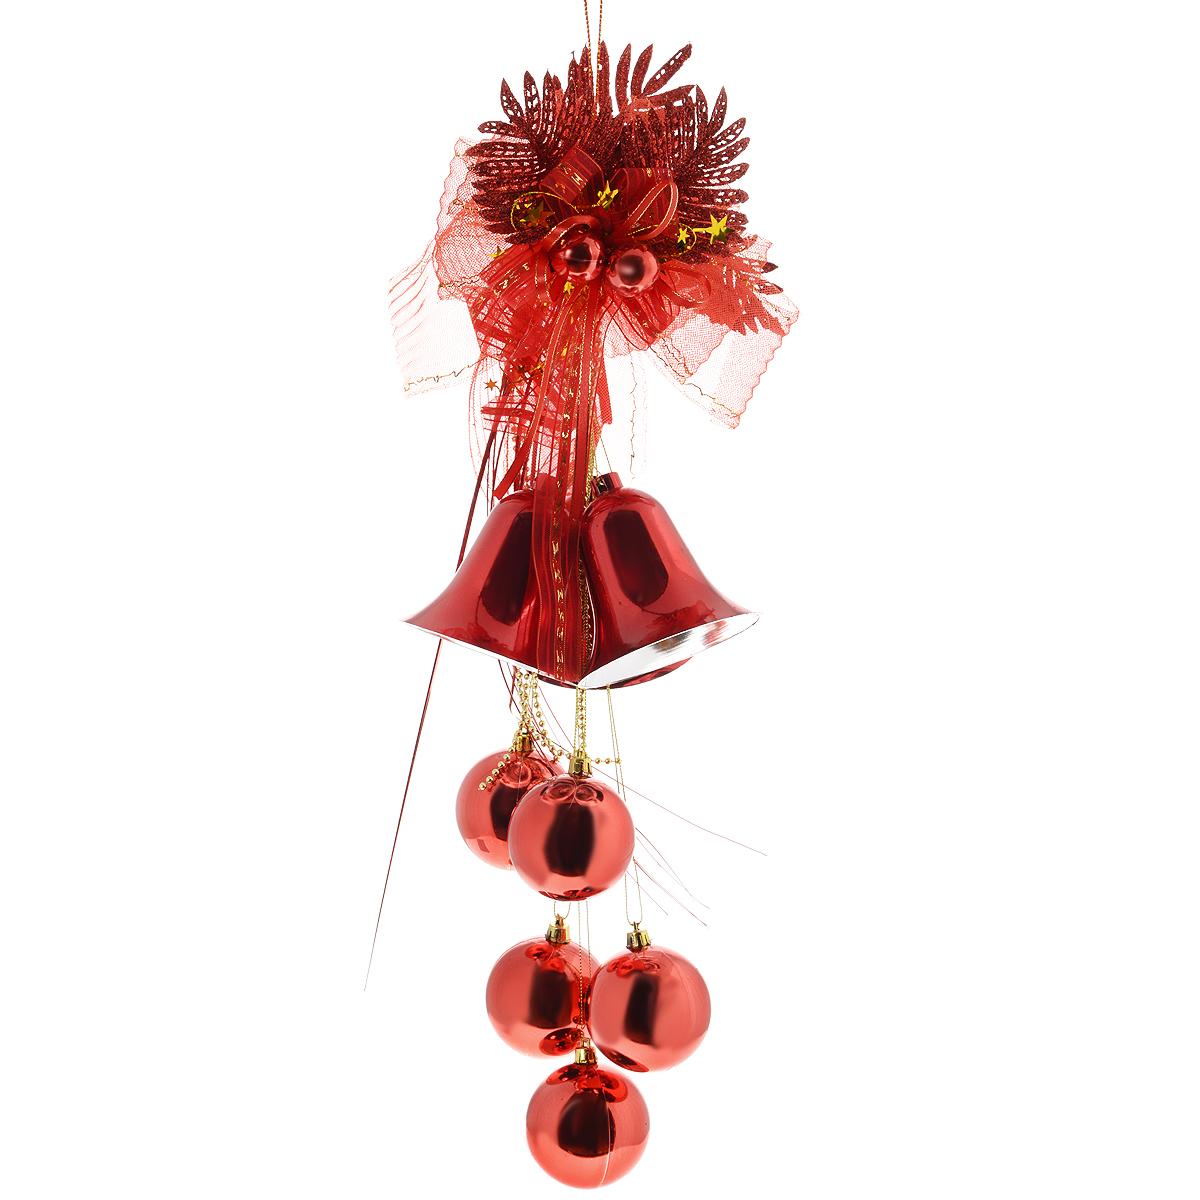 Новогоднее подвесное украшение Sima-land Колокольчики и шары, цвет: красный, длина 68 см. 815820815820красныйНовогоднее украшение Sima-land Колокольчики и шары отлично подойдет для декорации вашего дома и новогодней ели. Украшение выполнено в виде декоративной подвесной композиции из текстильного банта, пластиковых веток, бус, колокольчиков и шаров. Украшение оснащено текстильной петелькой для подвешивания. Елочная игрушка - символ Нового года. Она несет в себе волшебство и красоту праздника. Создайте в своем доме атмосферу веселья и радости, украшая всей семьей новогоднюю елку нарядными игрушками, которые будут из года в год накапливать теплоту воспоминаний.